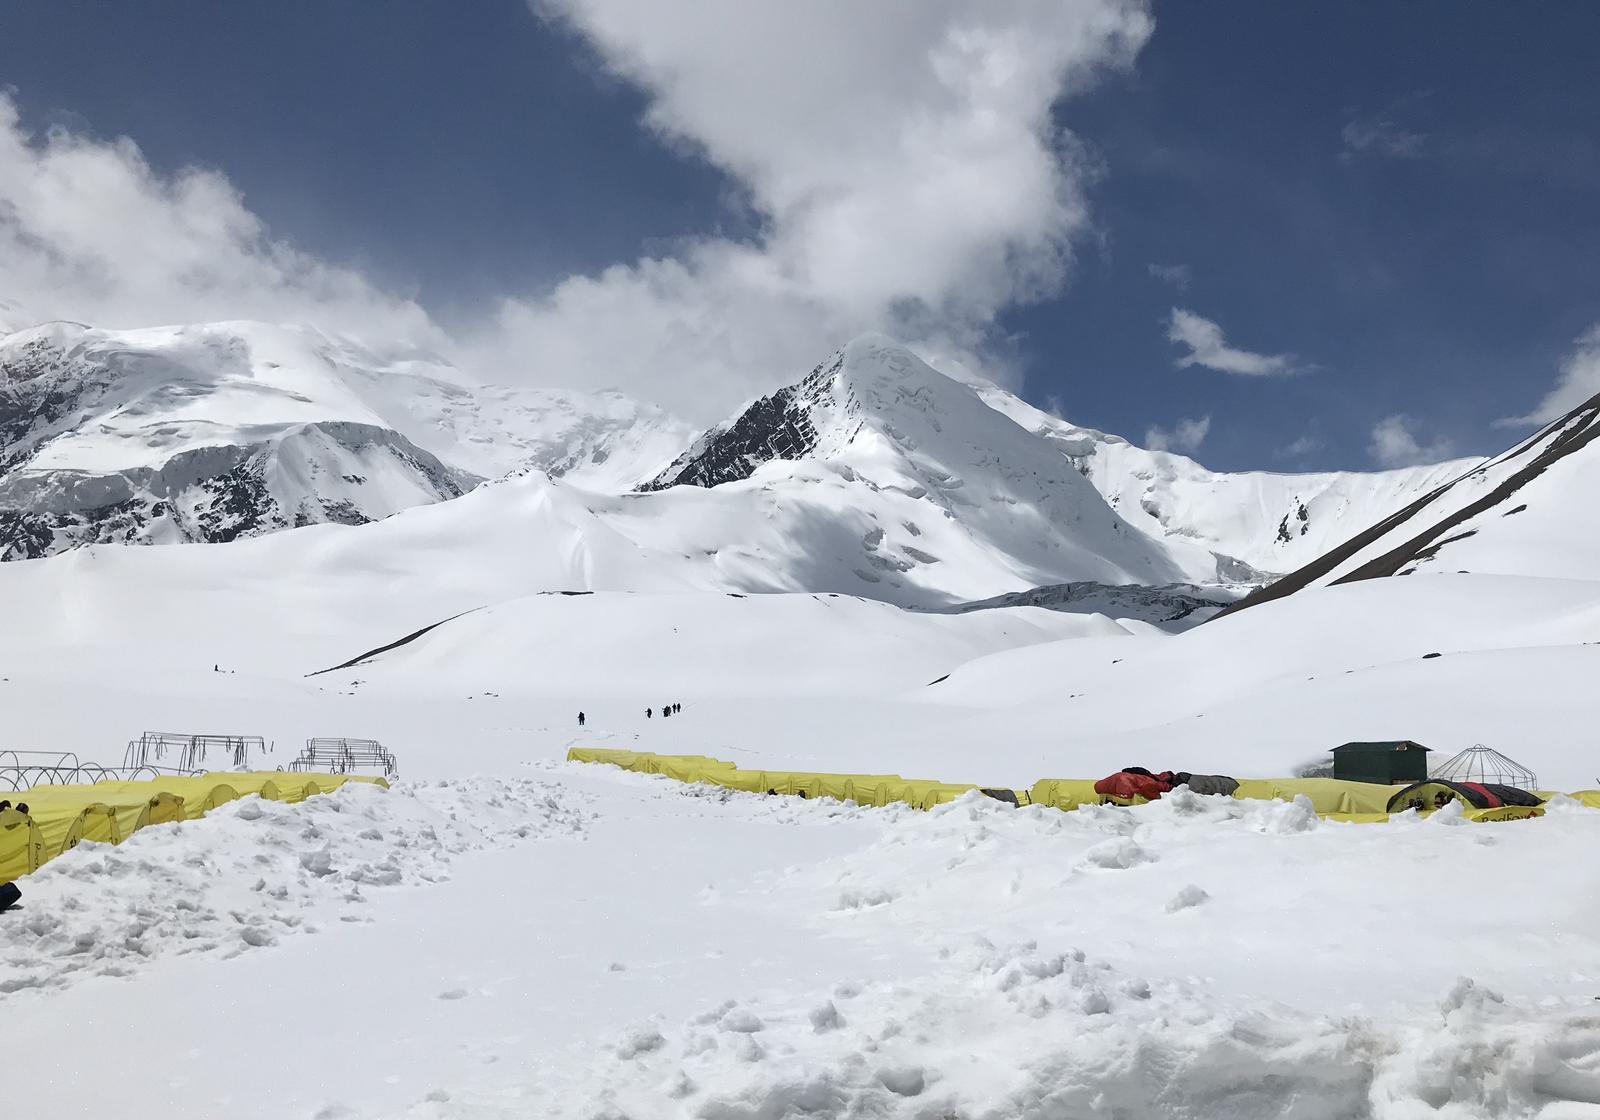 Koks slėgis kalnuose yra aukštas ar žemas?